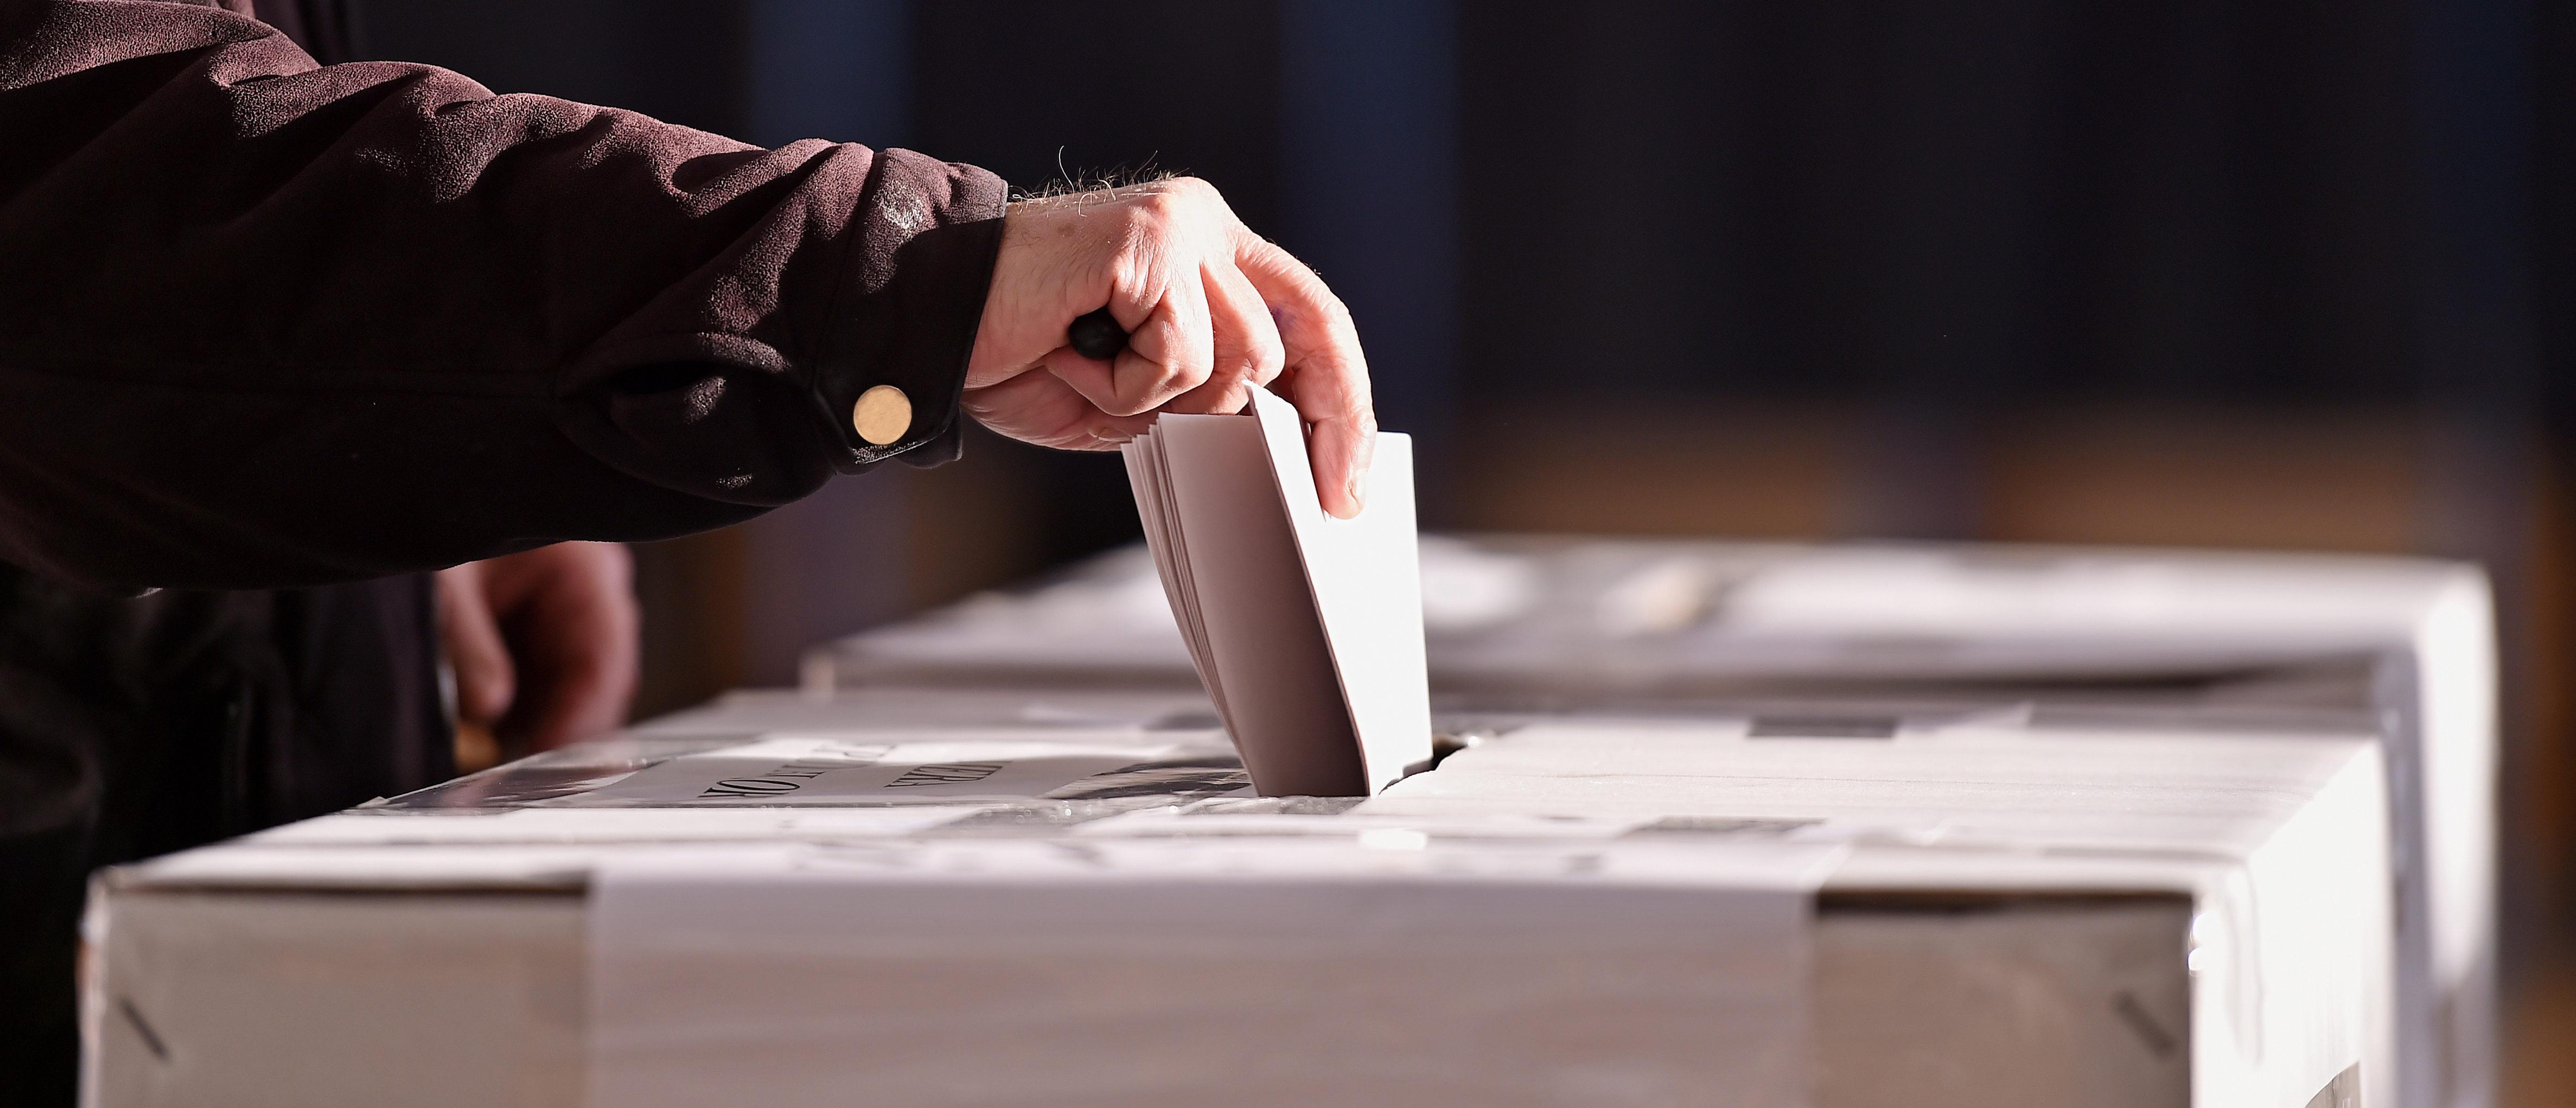 Tucson Voters Overwhelmingly Reject Sanctuary City Proposal